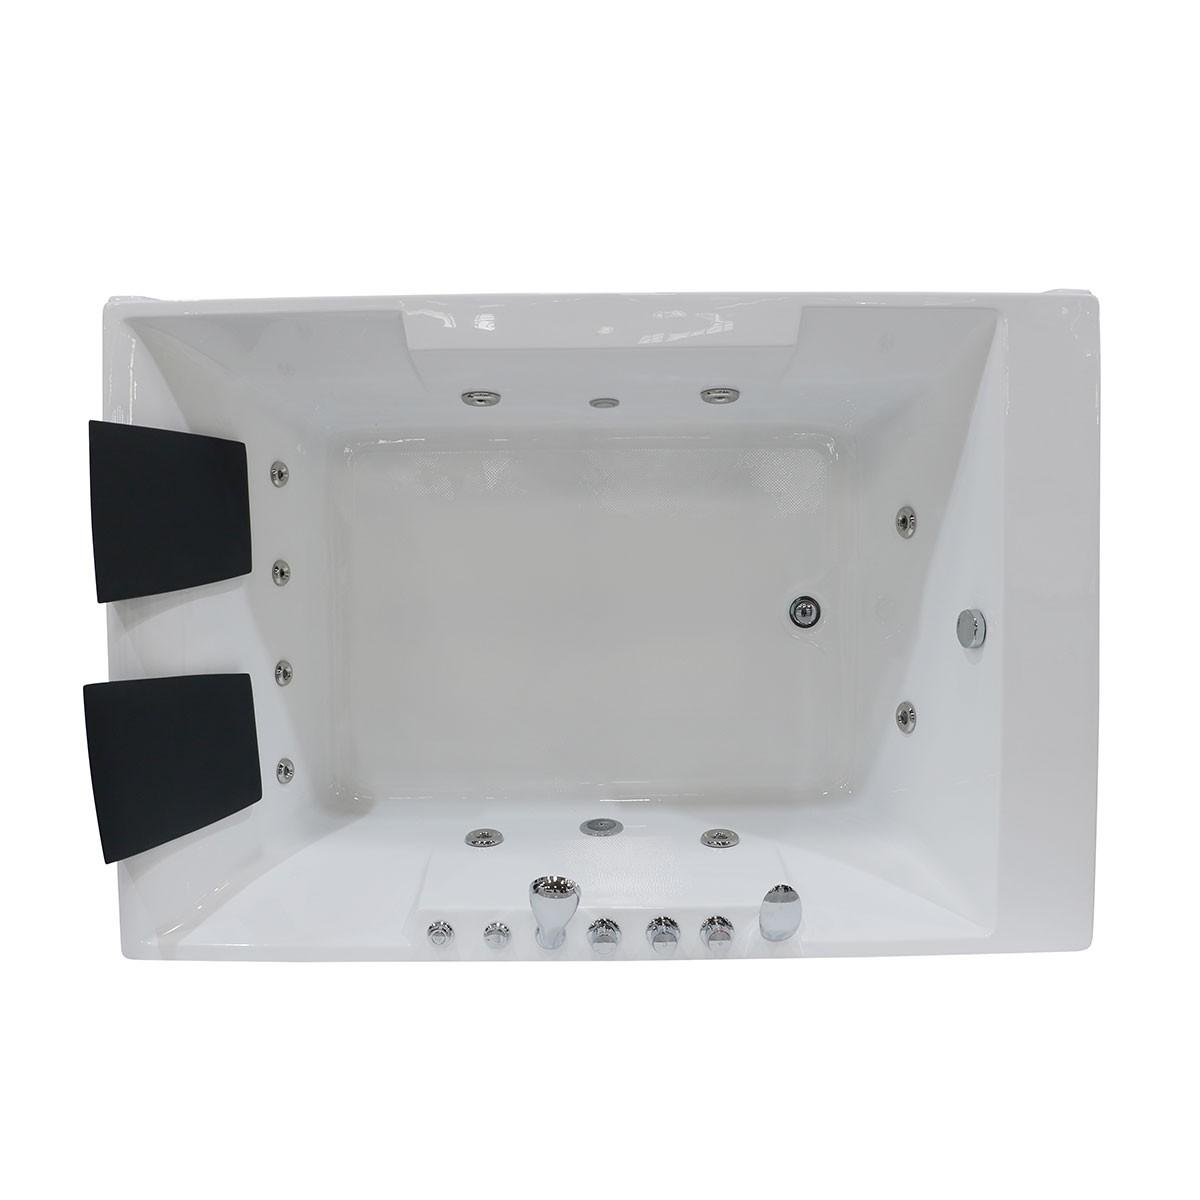 Decoraport 72 x 48 In Whirlpool Tub (DK-Q367)